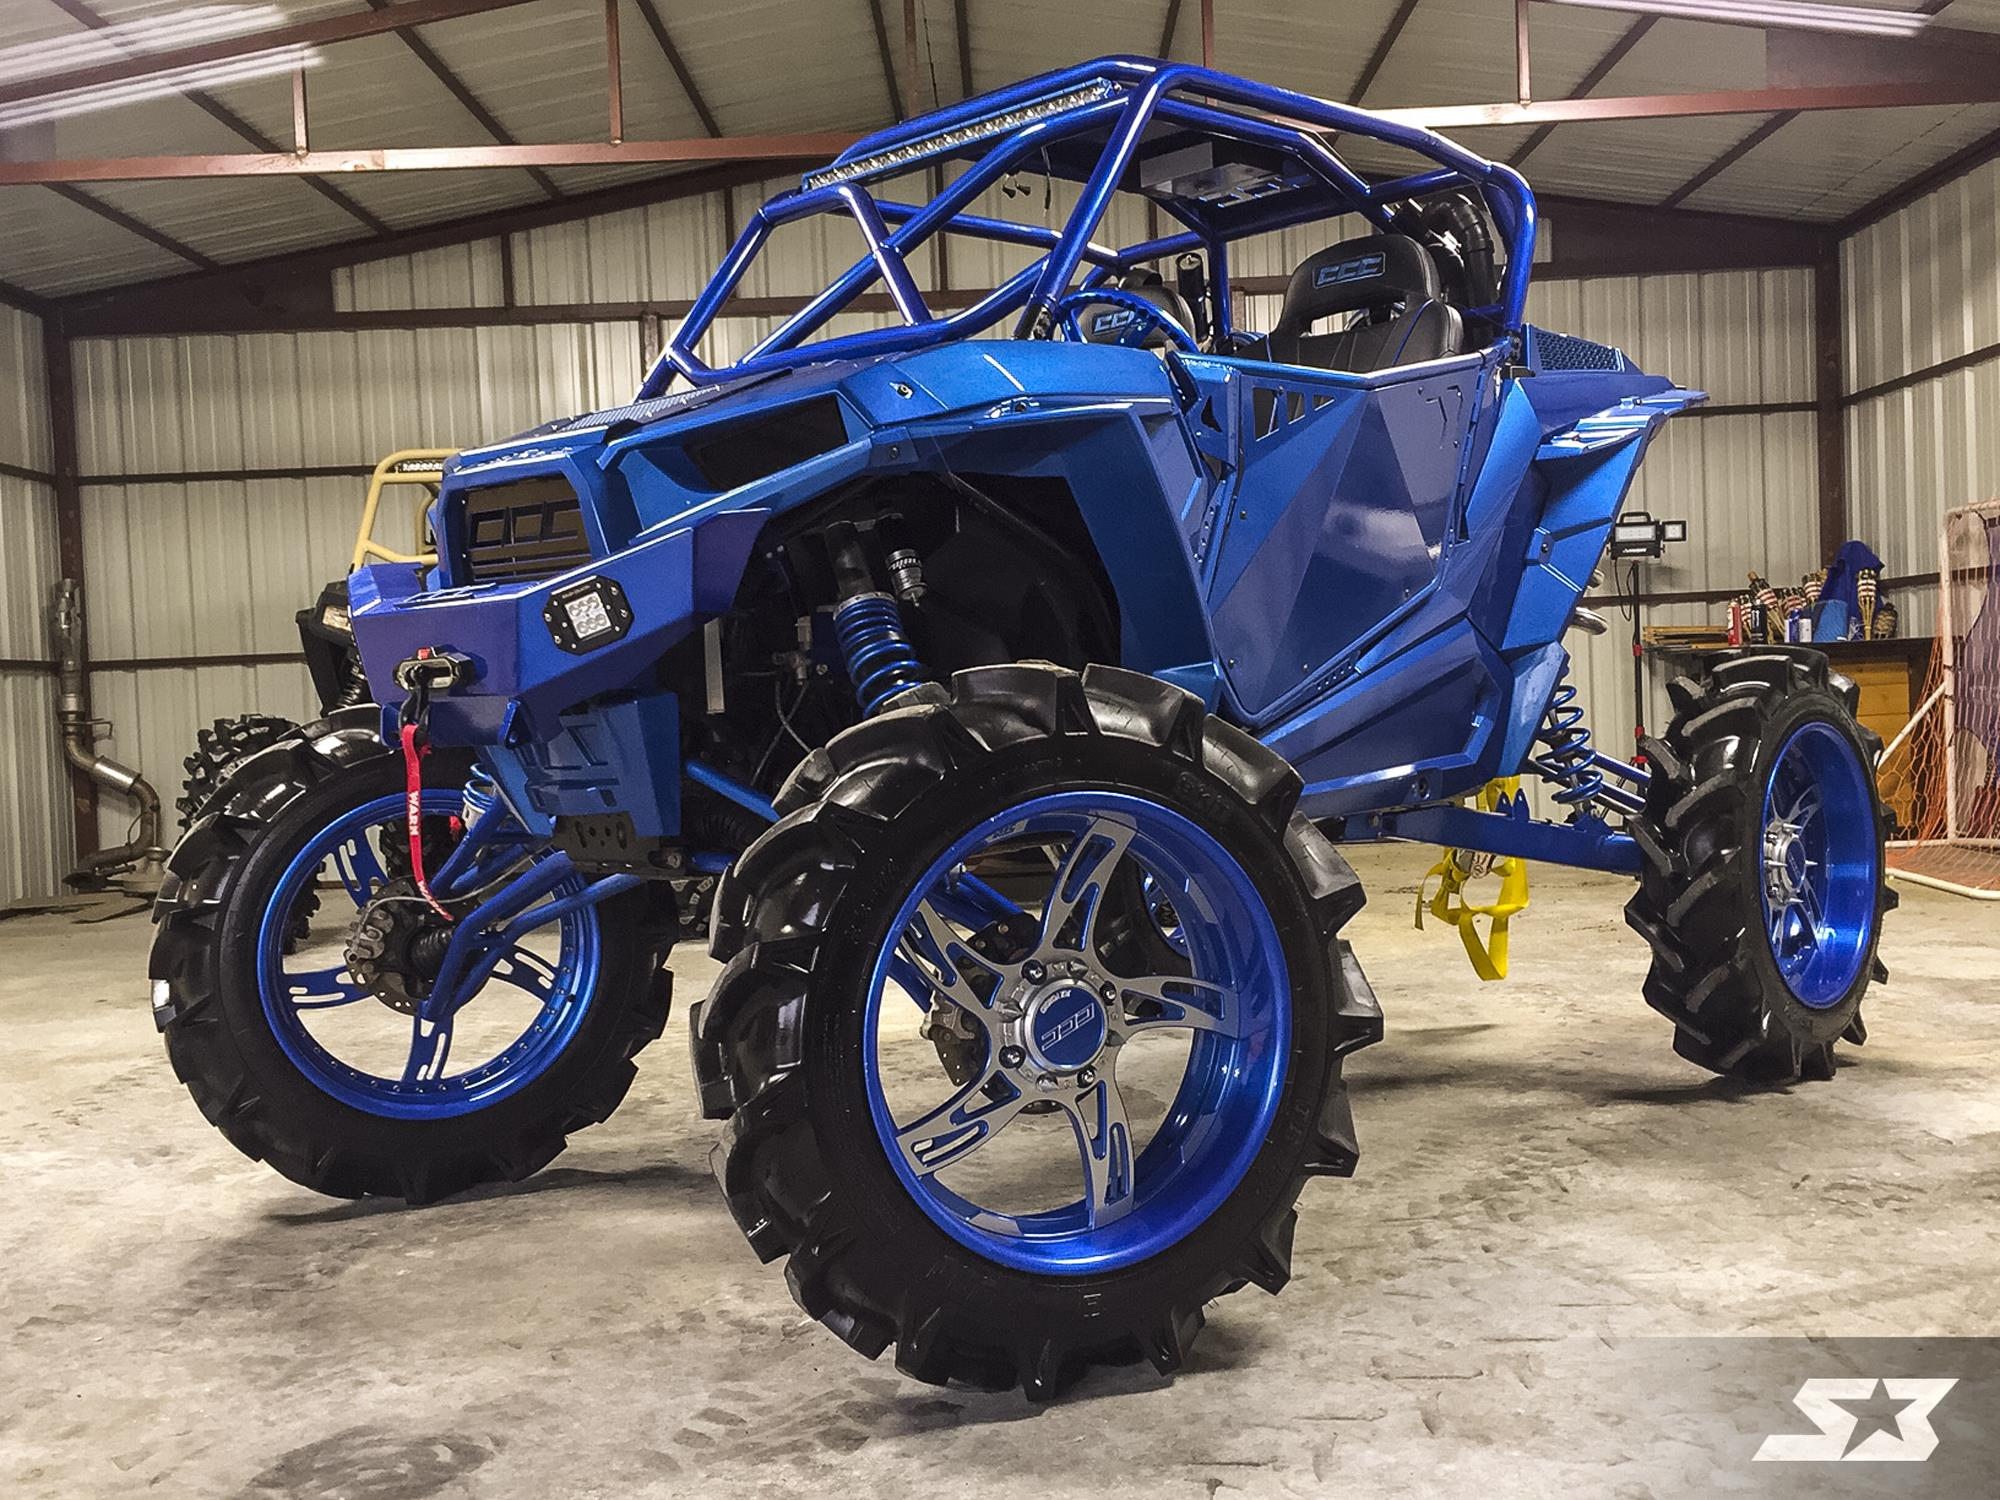 Build polaris rzr xp 1000 by ccc auto sales chris for Chris motors auto sales